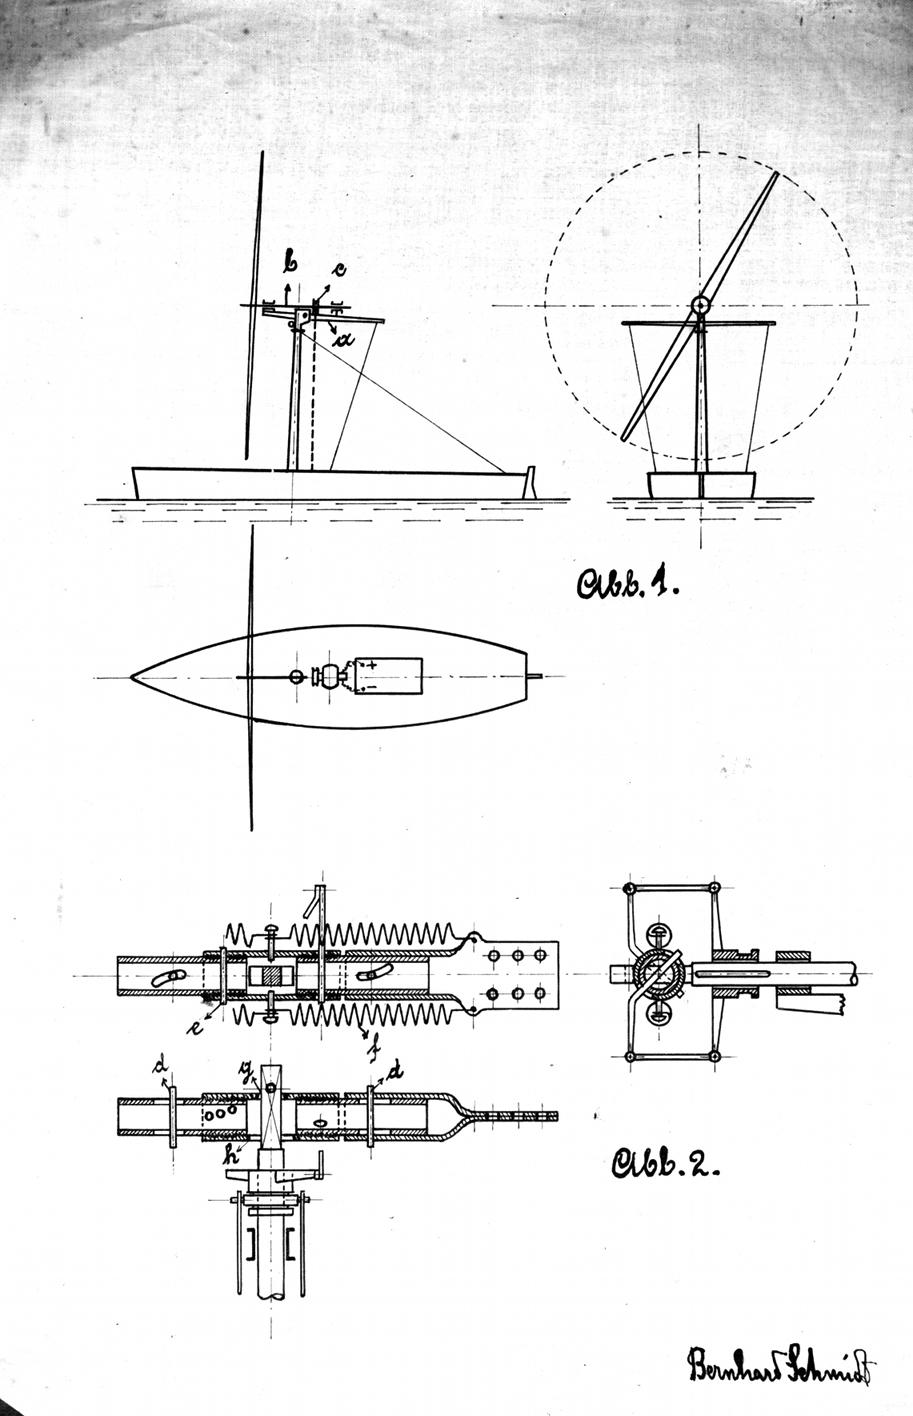 BSA0209